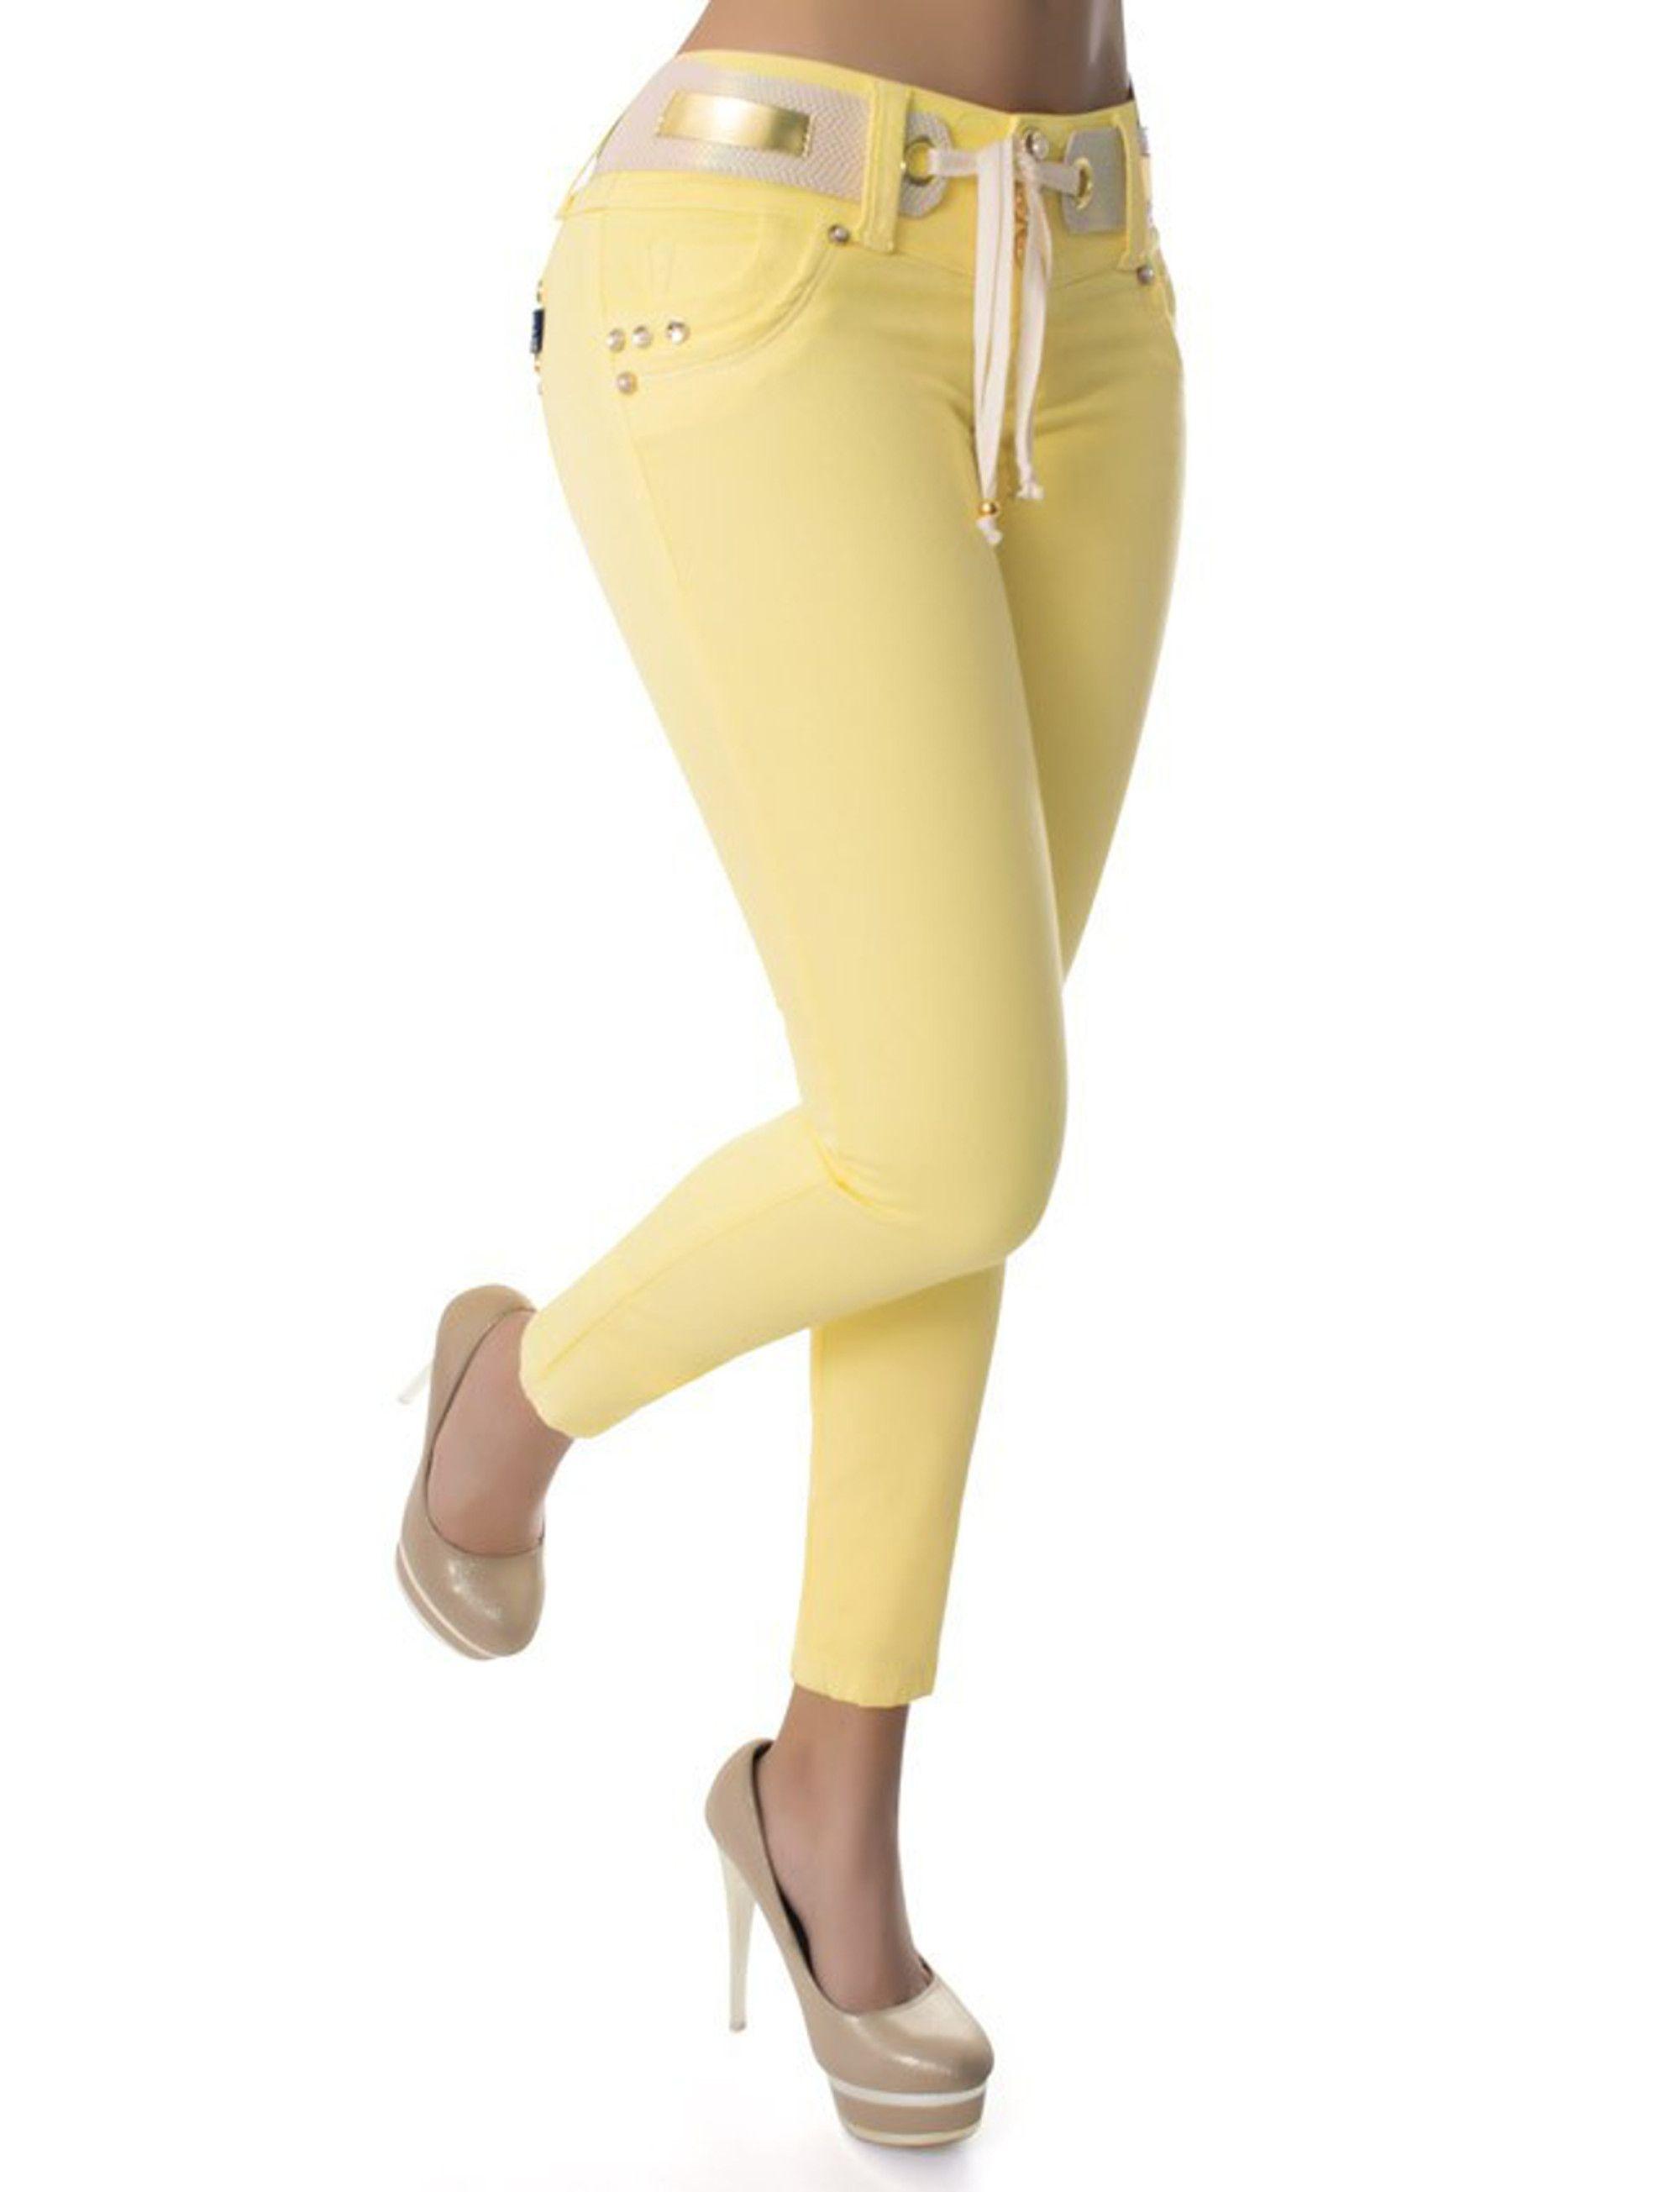 Los vaquero Amarillos push up, son ampliamente conocidos por el efecto pum-up que incorporan un nuevo estilo gracias al diseño de pinzas laterales, creamos un patrón exclusivo para controlar el abdomen #Vaqueroscolombianos#Vaquerospushup #jeanspushup#Vaquerospitillo#pantaloncolombiano #tejanos los consigues en www.hadabella.com